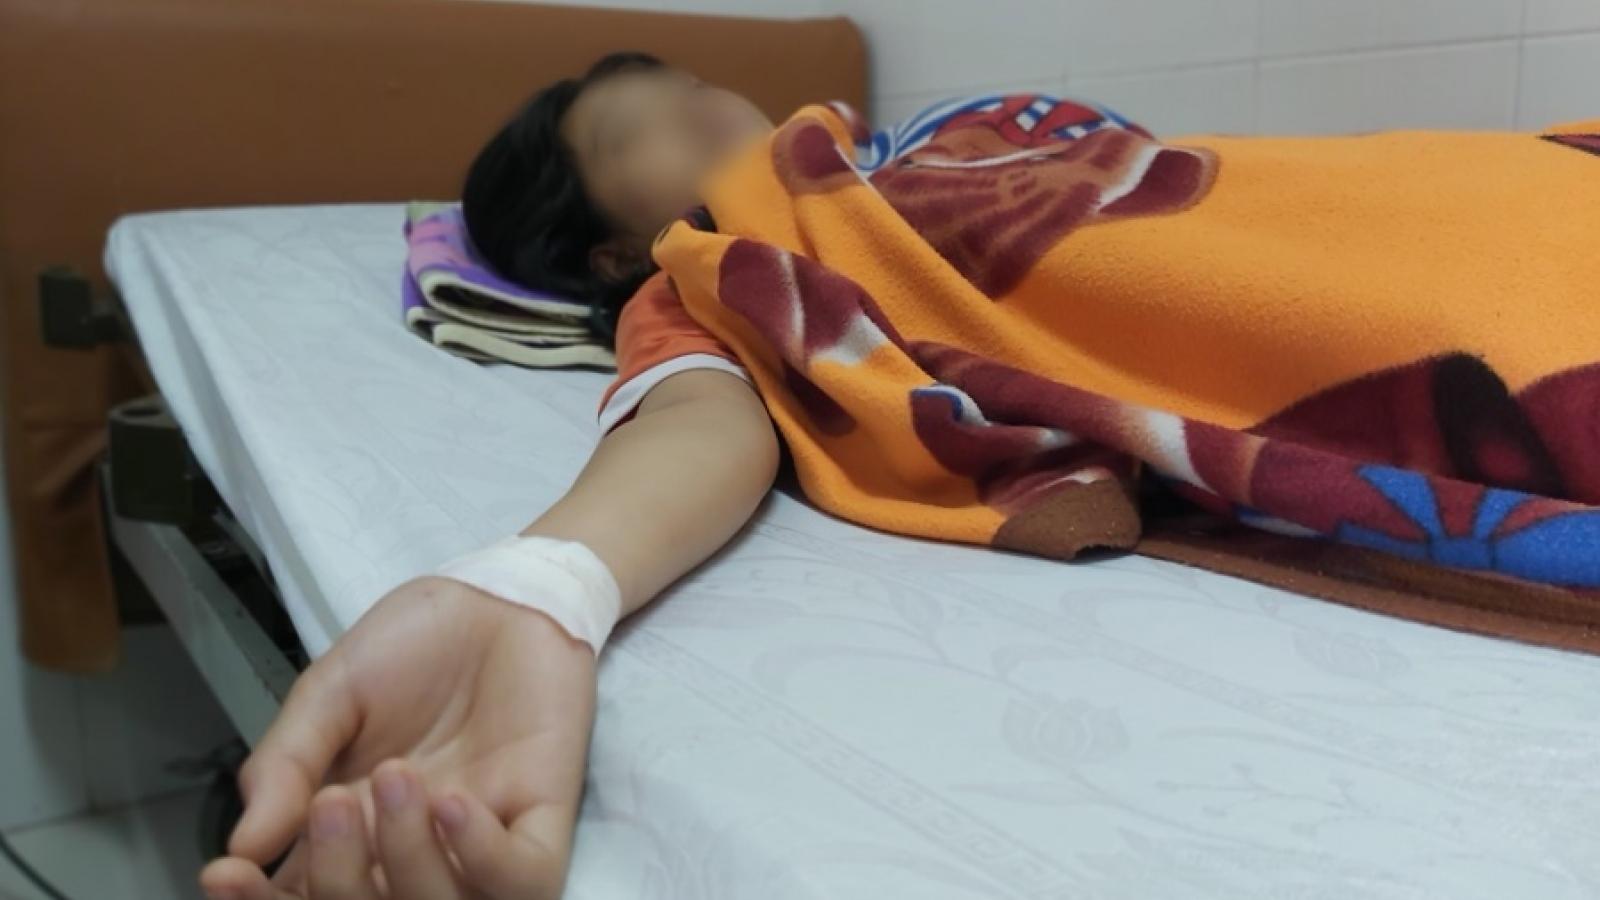 Vụ nữ sinh lớp 7 bị hành hung ở Tây Ninh: Nguyên nhân va chạm do người phụ nữ sang đường